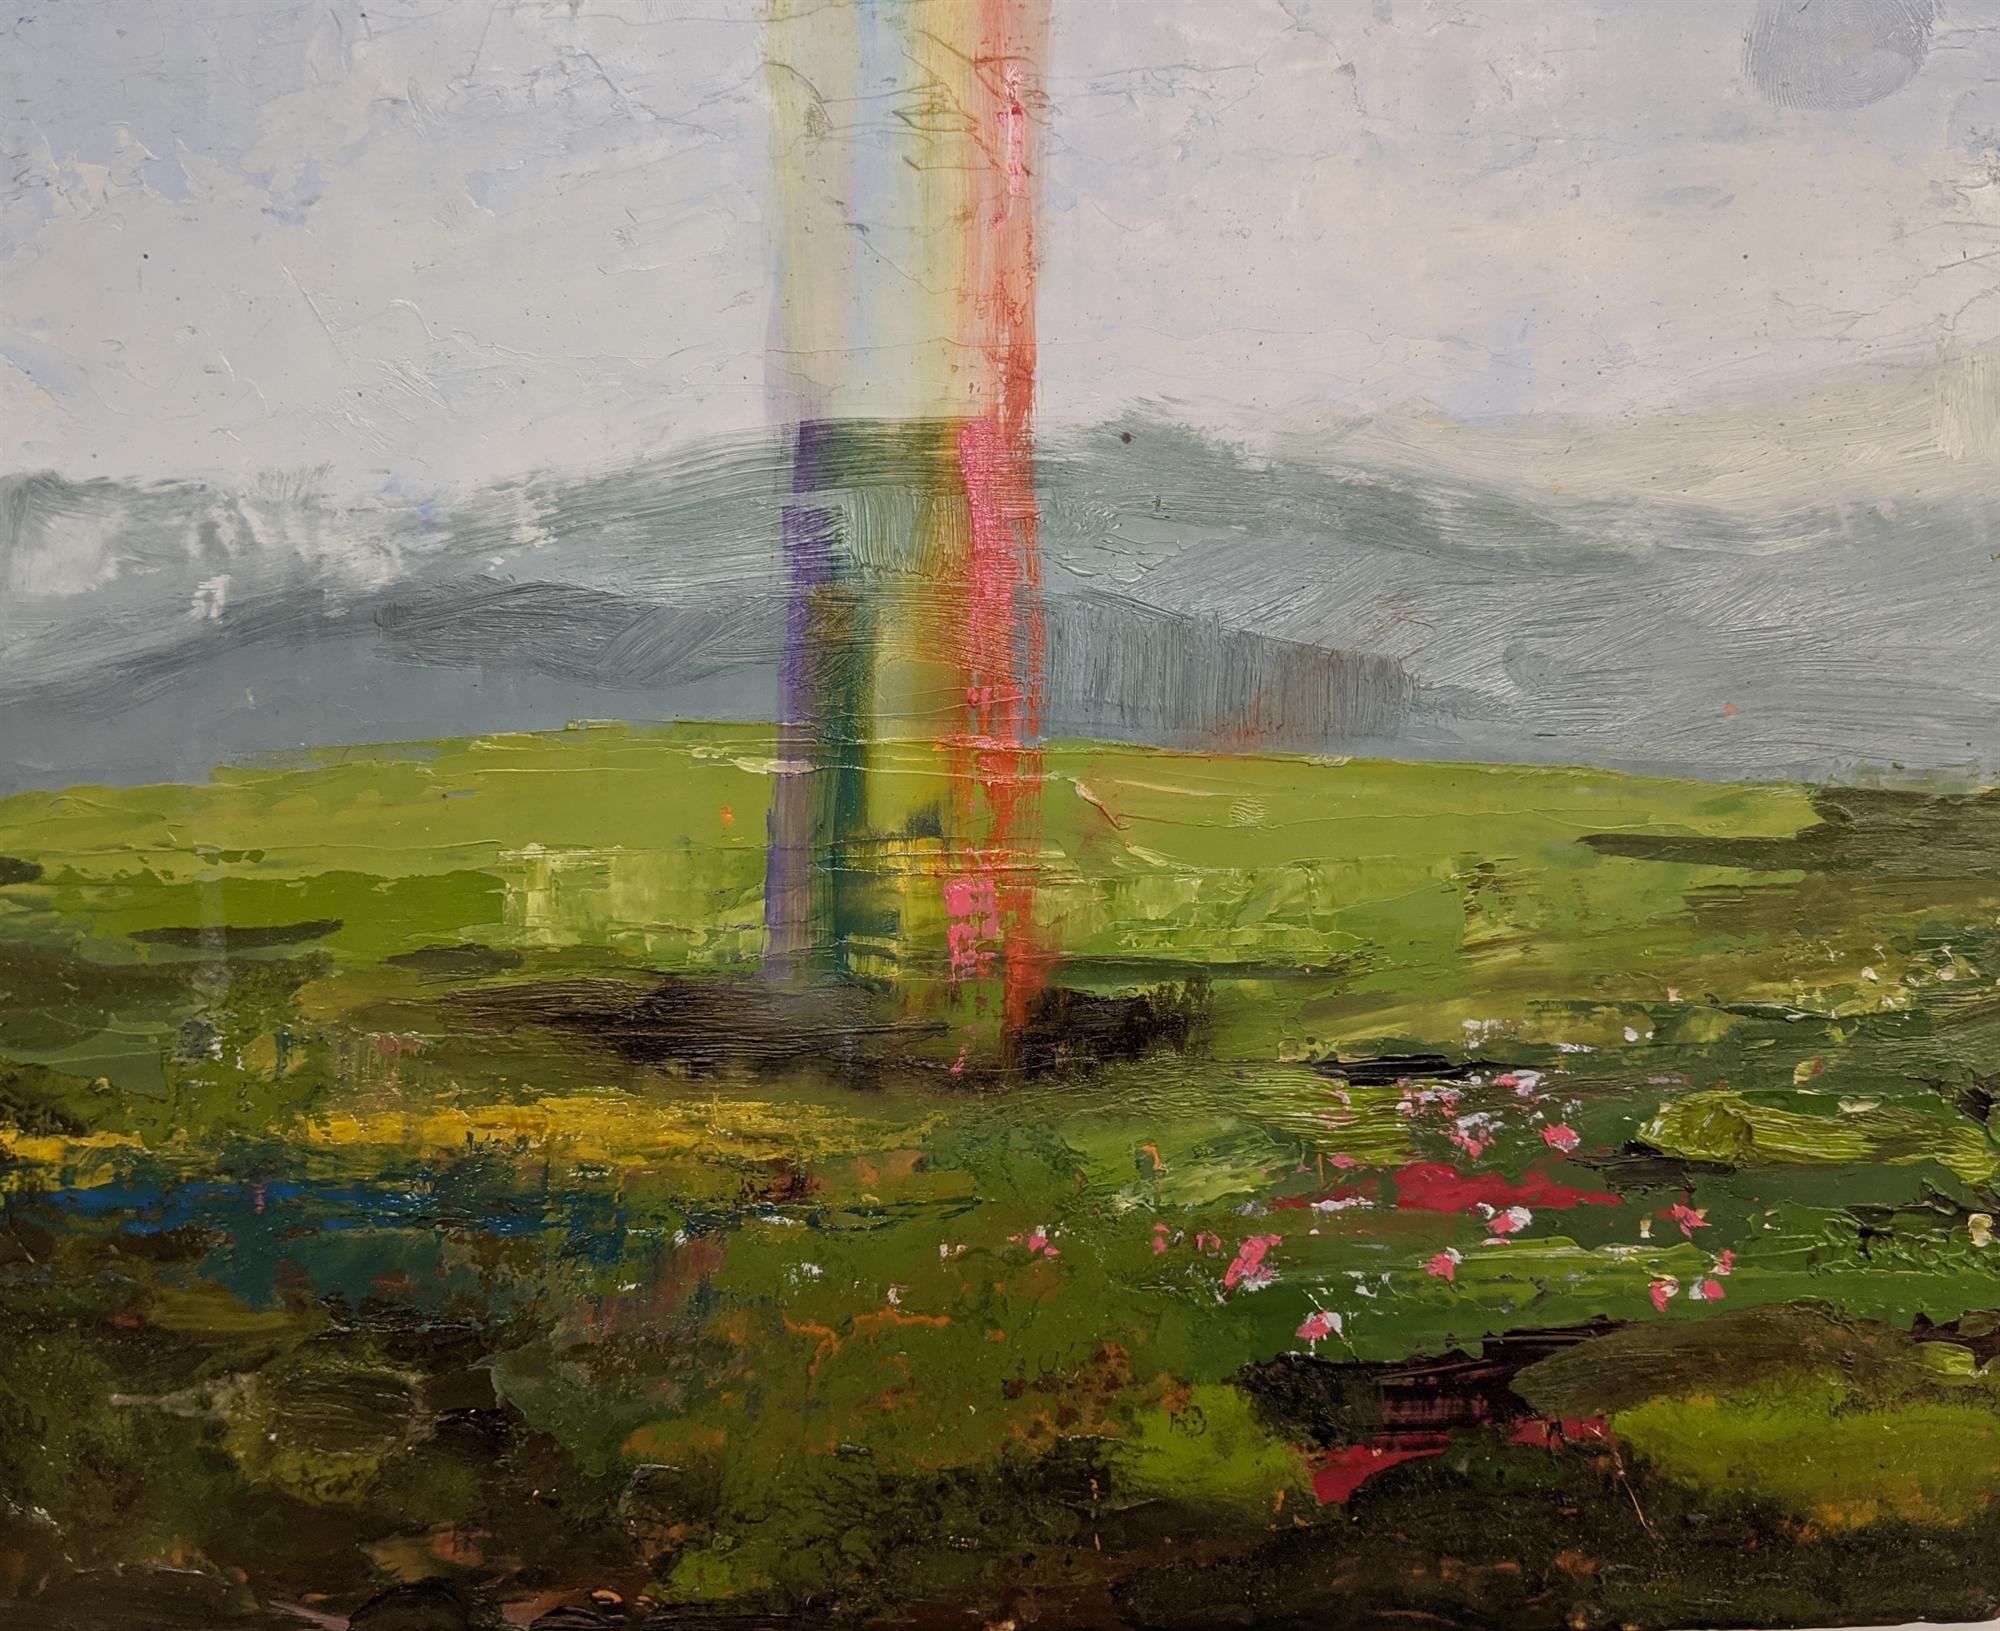 Rainbow Hole II by Caitlin Hurd